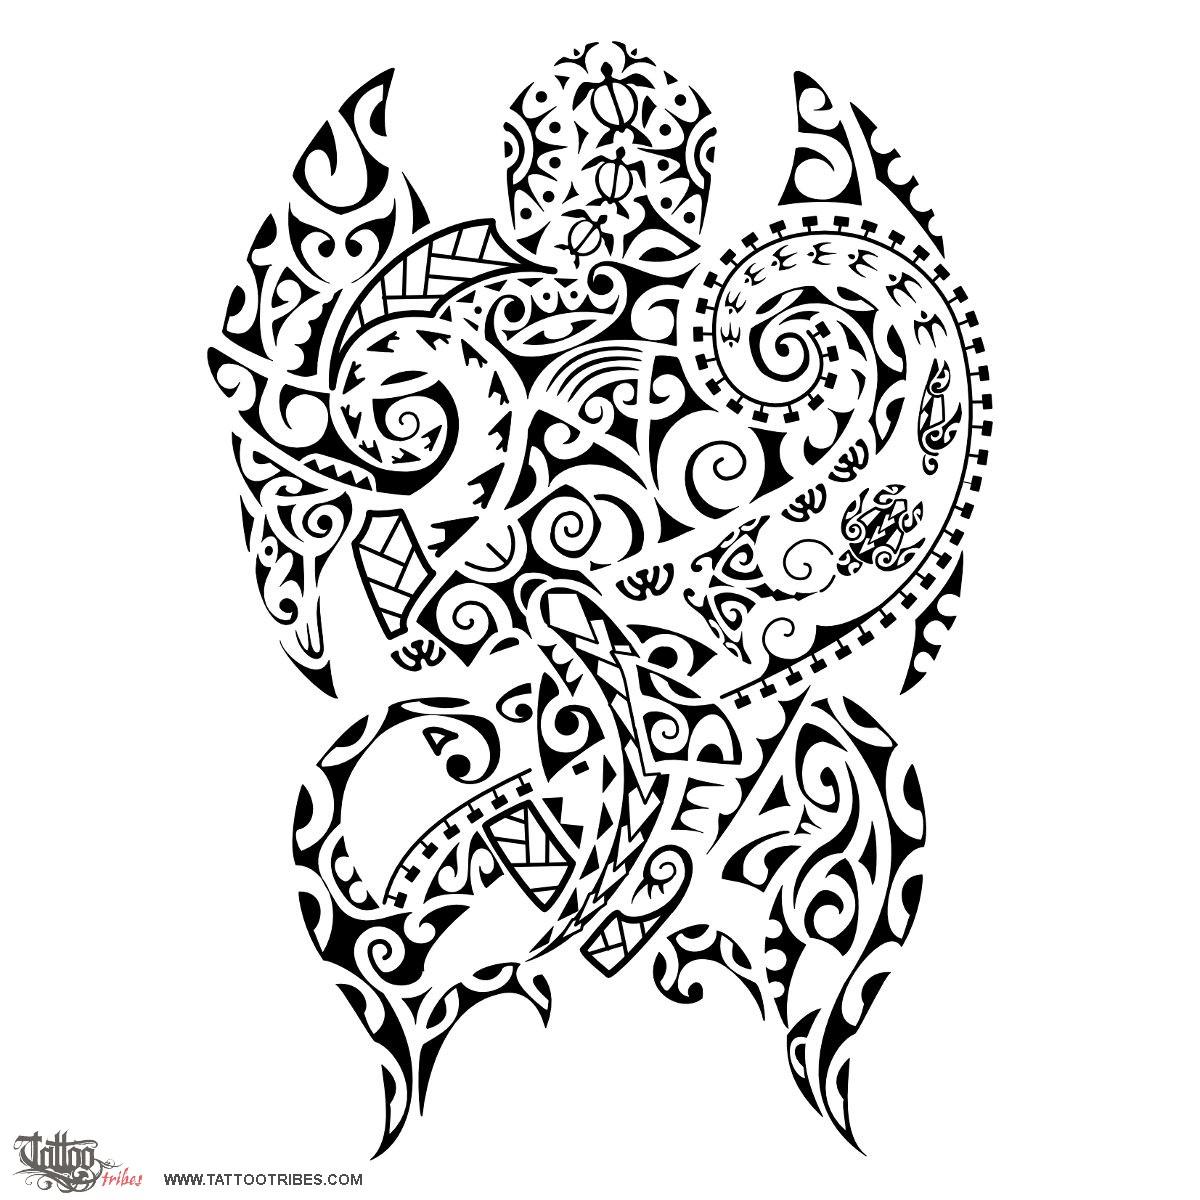 1200x1200 Tattoo Of Honu, Aumakua Tattoo